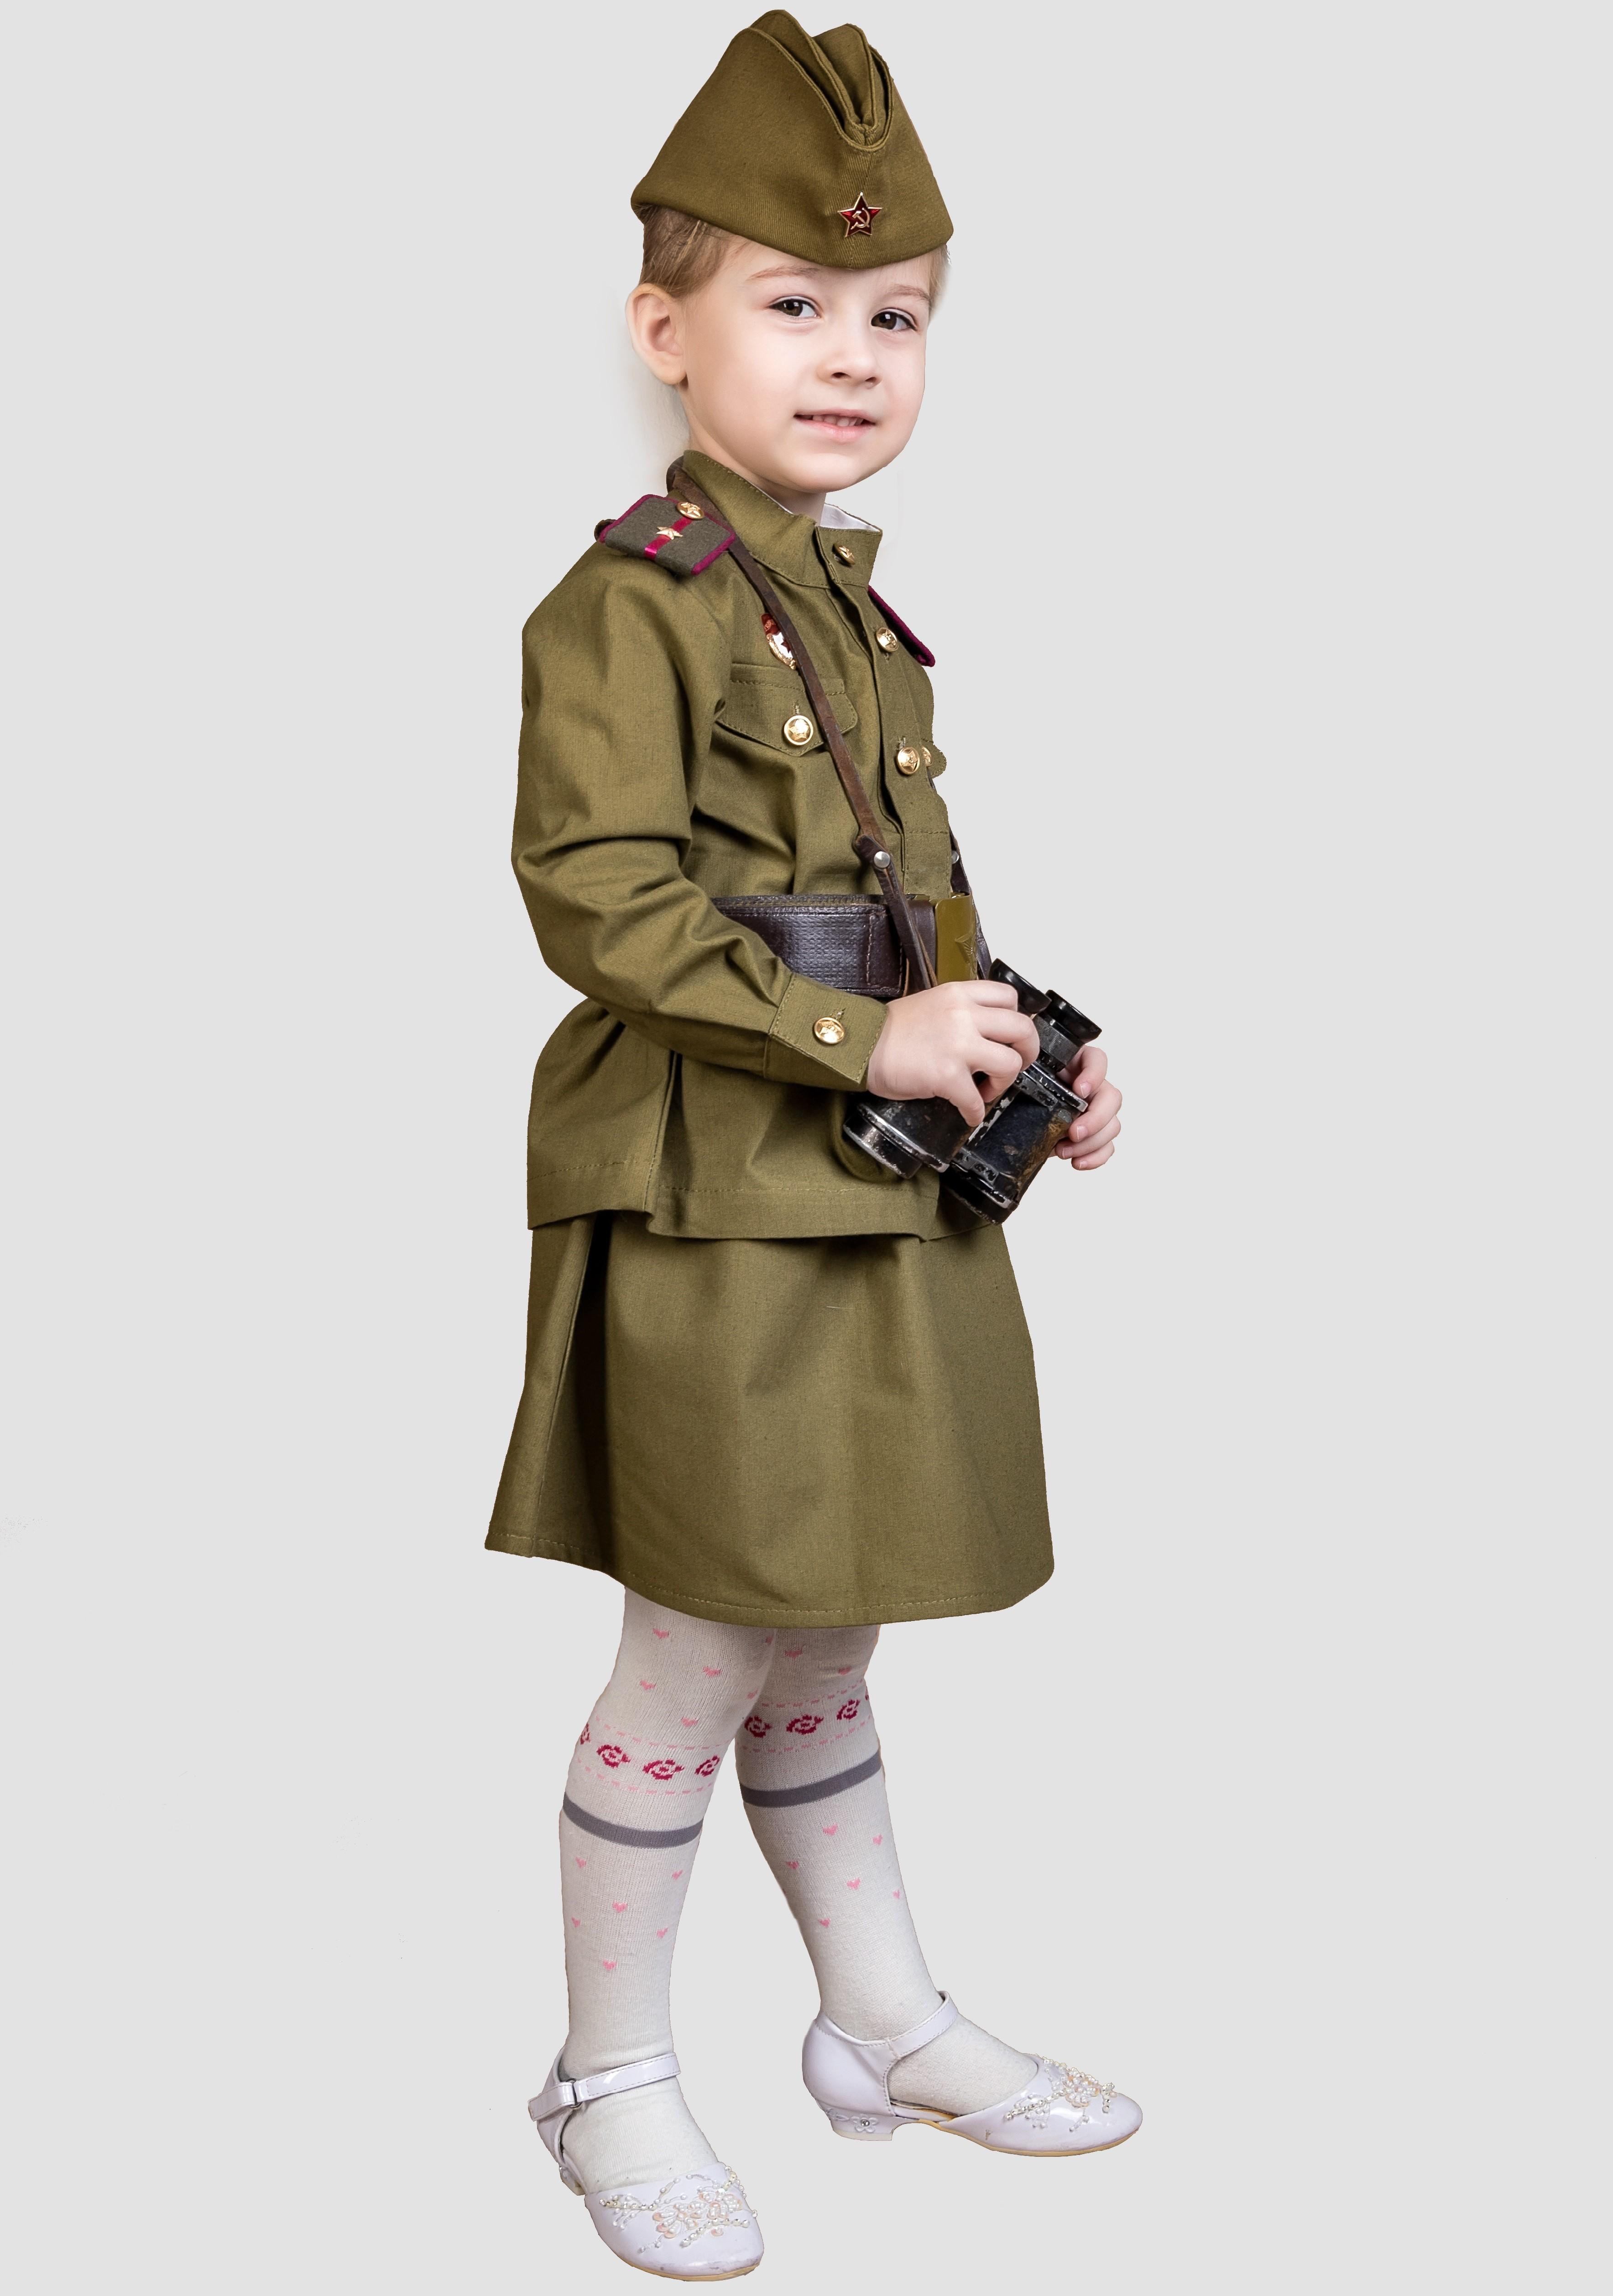 Картинки дети в военной форме для детей